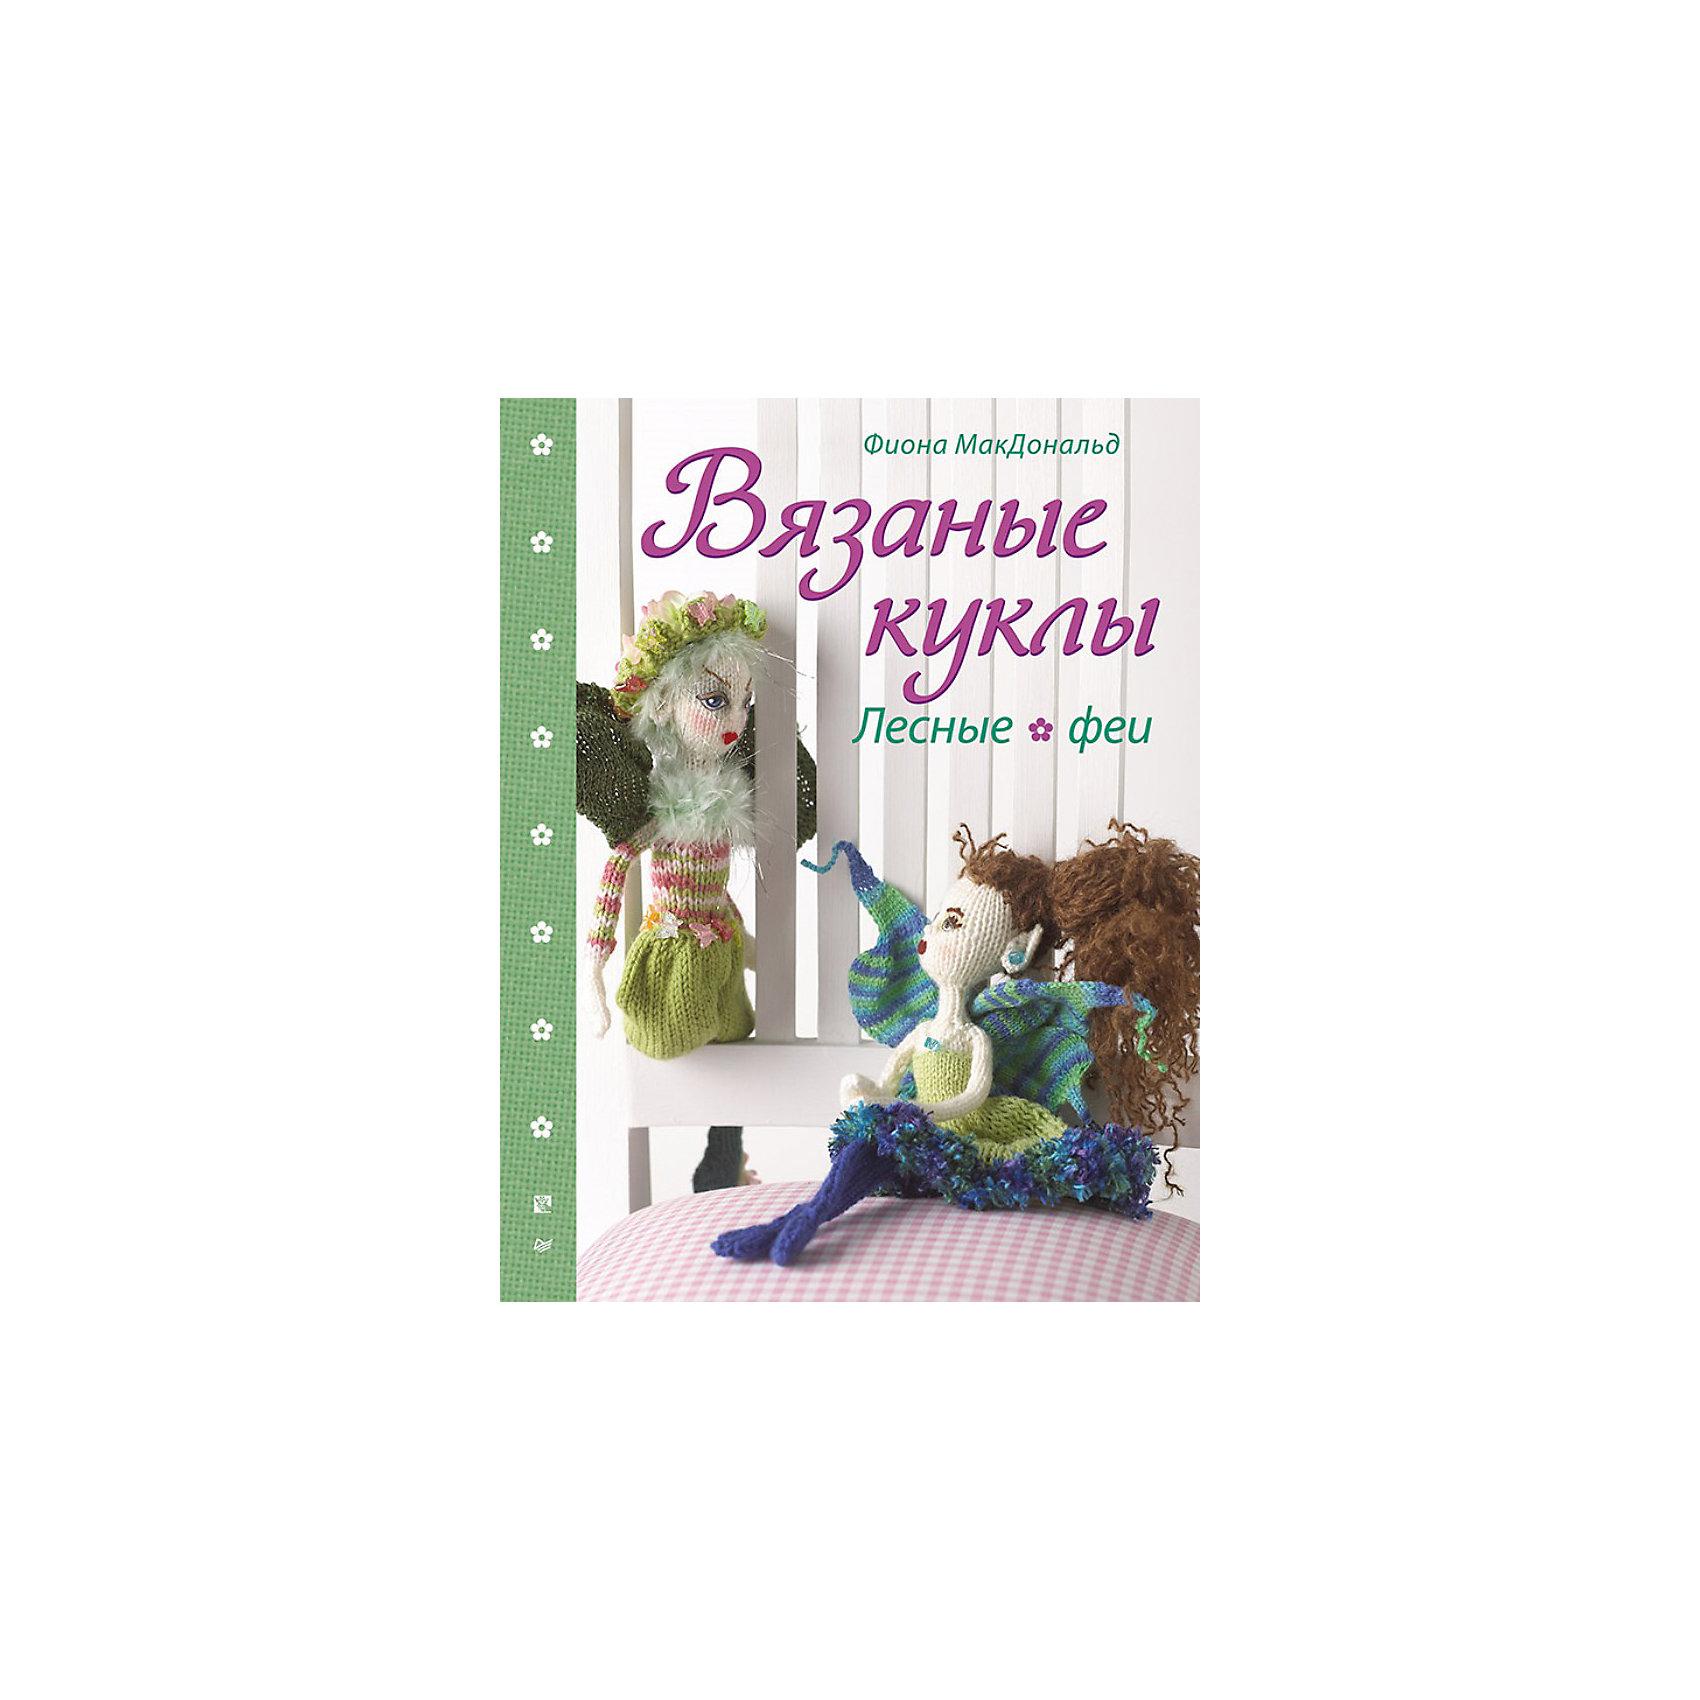 Вязаные куклы. Лесные феиКниги о творчестве<br>Книга «Вязаные куклы. Лесные феи» - прекрасный подарок для любой творческой девочки, которая хочет попробовать создать что-то новое. Сборник научит ребенка вязать кукол леса, фей, эльфов и многое другое. Книга написана простым и понятным языком. Мастер-классы от известного британского дизайнера будут интересны и взрослым и детям. Результатом будет интересная красивая кукла, созданная своими руками, которую можно использовать для украшения интерьера детской или преподнести кому-нибудь в подарок. Книга развивает у ребенка моторику, фантазию и прививает аккуратность с самого начала игры.<br><br>Дополнительная информация:<br>страниц: 64;<br>формат:  205 х 260 мм.<br><br>Книгу «Вязаные куклы. Лесные феи» можно приобрести в нашем магазине.<br><br>Ширина мм: 252<br>Глубина мм: 195<br>Высота мм: 3<br>Вес г: 147<br>Возраст от месяцев: 144<br>Возраст до месяцев: 2147483647<br>Пол: Женский<br>Возраст: Детский<br>SKU: 4966192